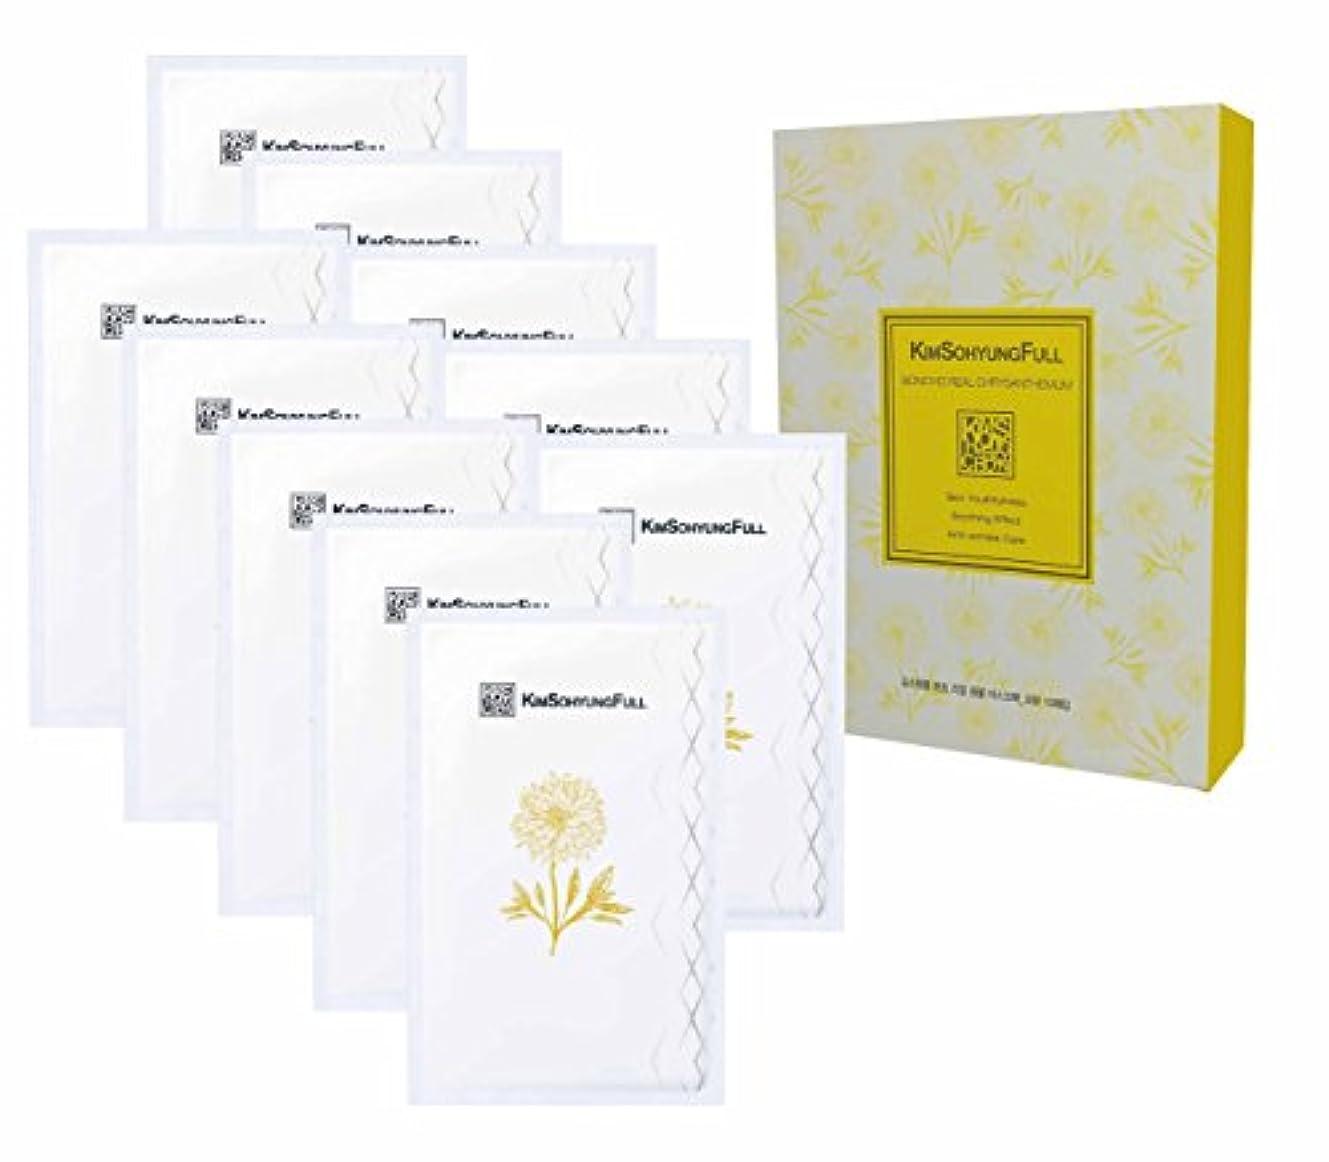 重大ふくろう駅[ギムソヒョンフル] 本草 本物の菊使ったシートマスク10枚パック -本物の菊の花びらを 6%配合、革新的な3層式の100%天然植物由来シート、23ml / 0.77液体オンス